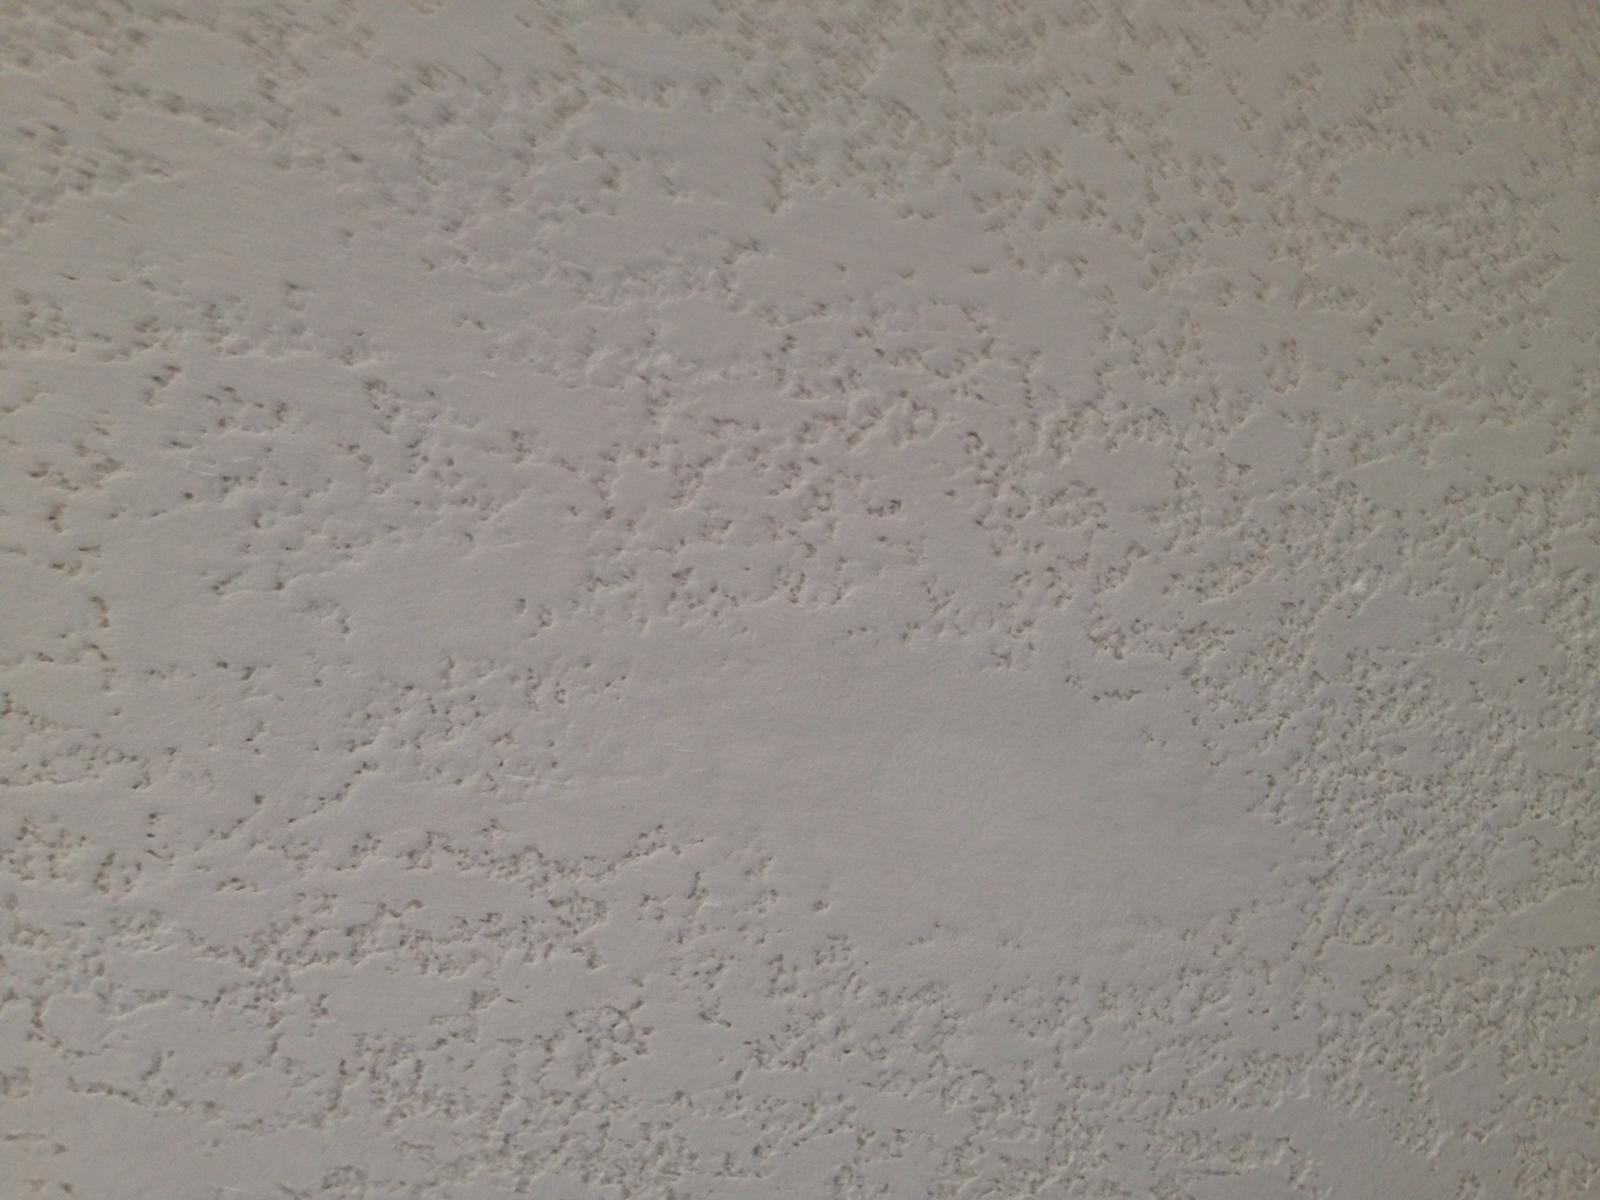 R novation cr pi int rieur - Lisser un mur crepi interieur ...